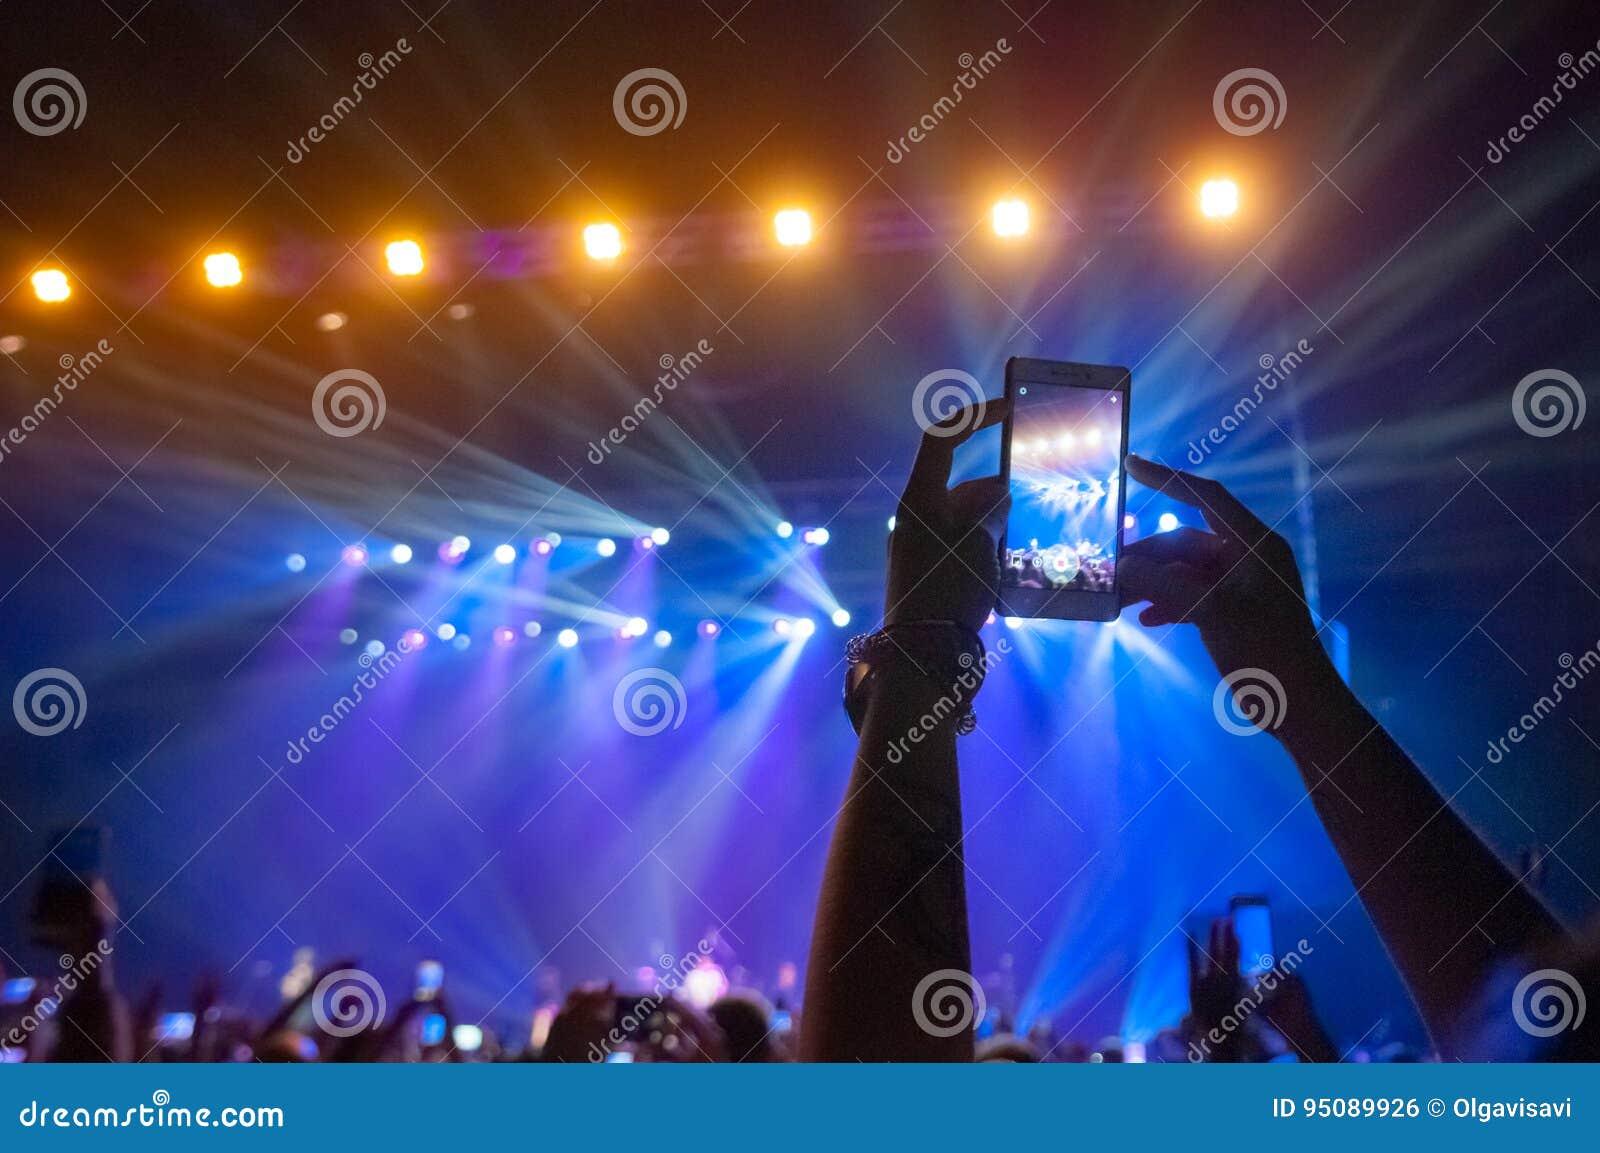 Οι άνθρωποι στο πλήθος σε μια συναυλία κάνουν τις τηλεοπτικές καταγραφές και pics